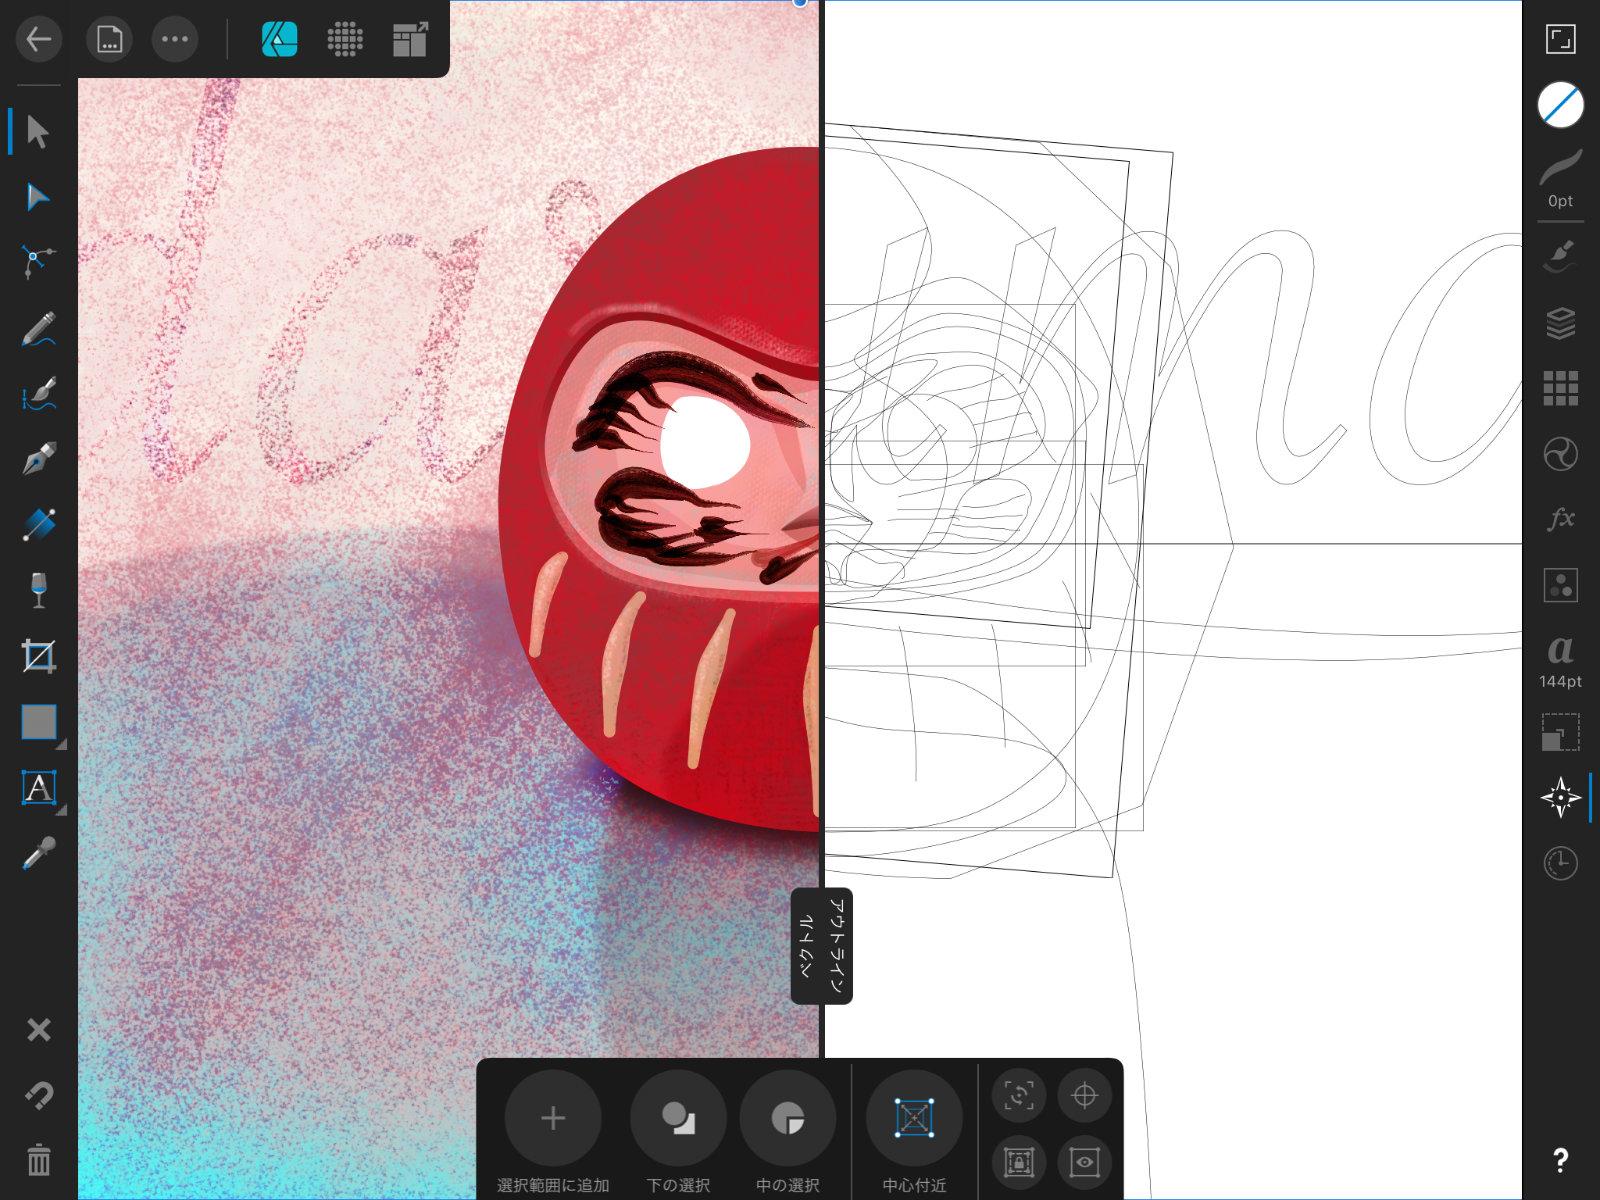 Affinity Designer for iPadを使って描いたダルマのイラスト